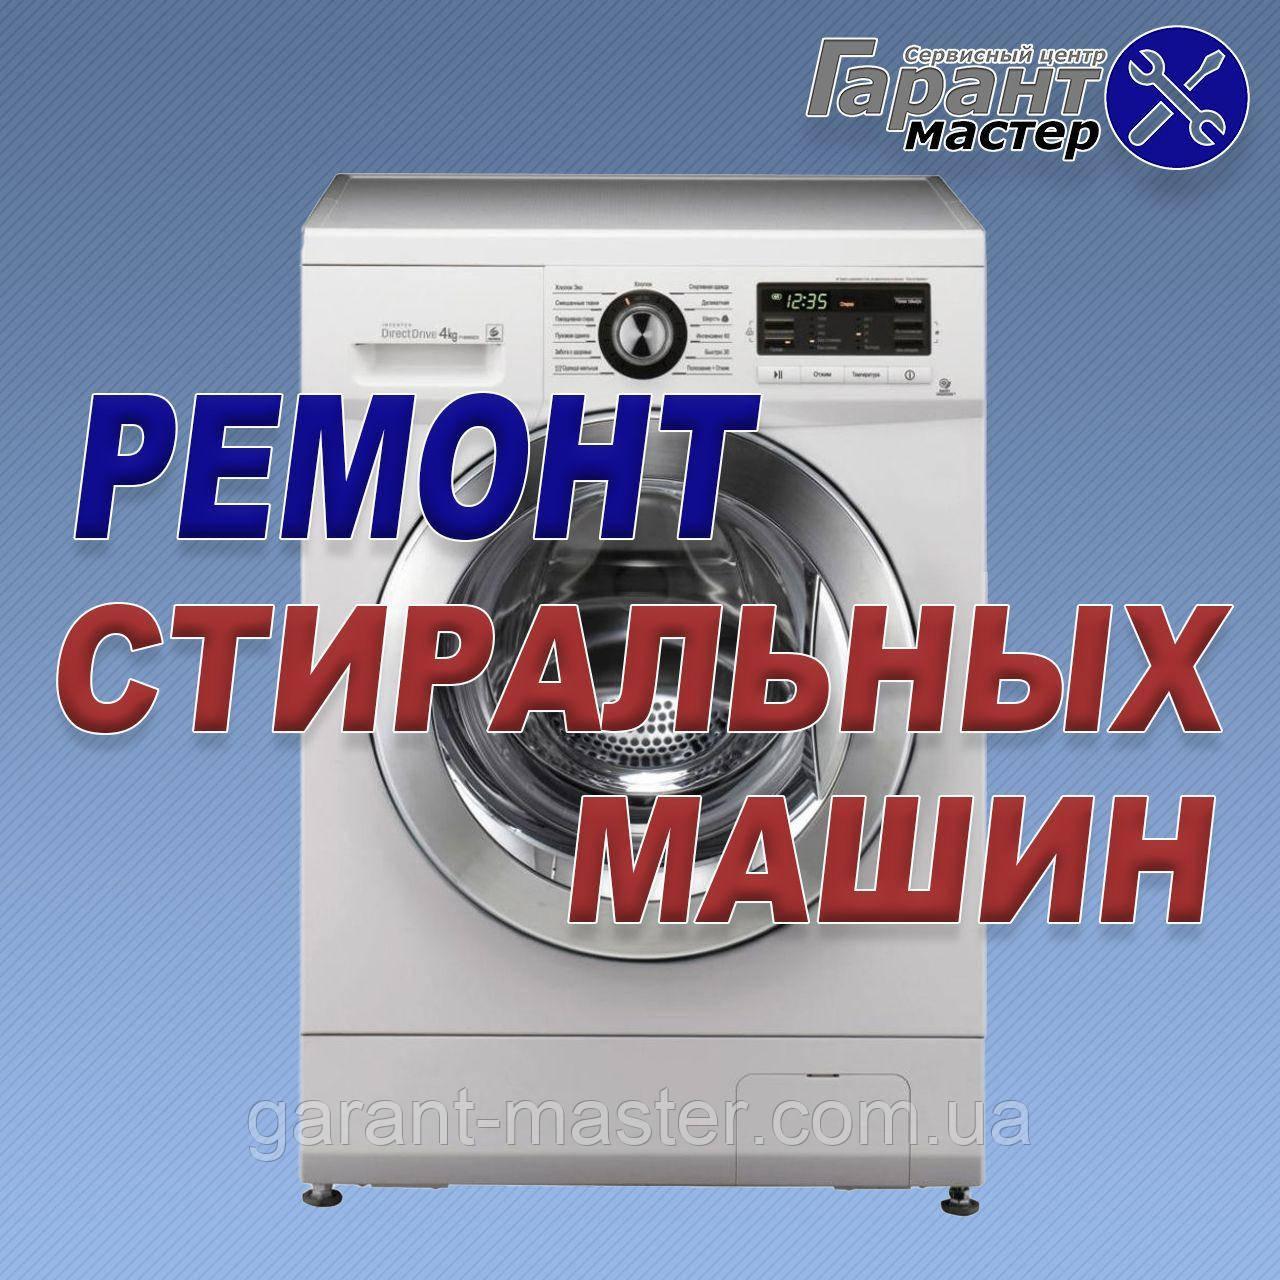 Ремонт стиральных машин GORENjE в Днепропетровске